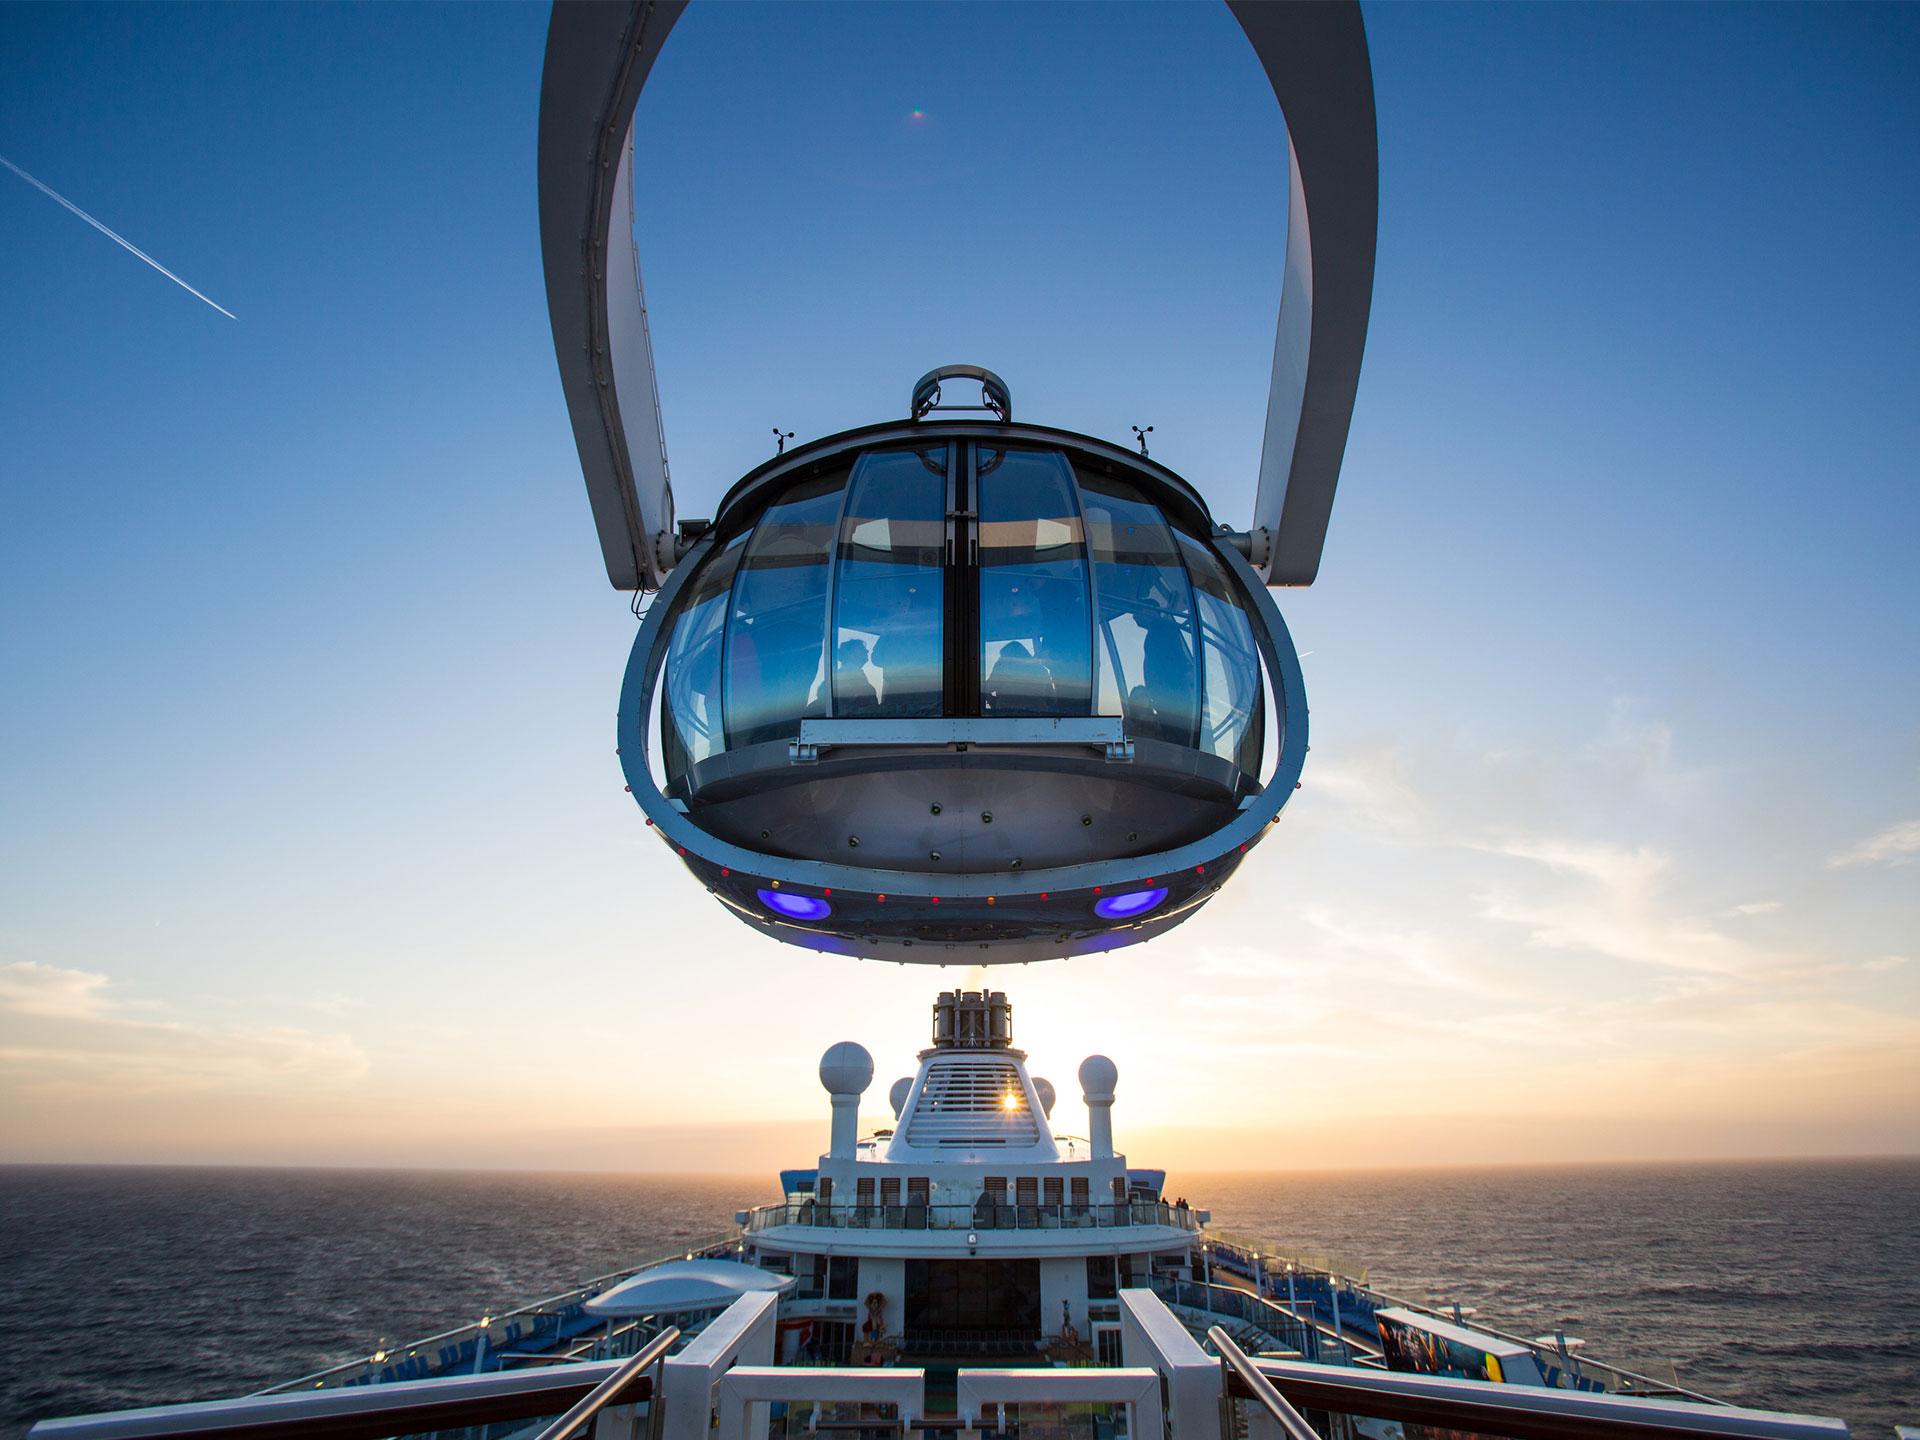 皇家加勒比邮轮-海洋光谱号日本长崎 福冈五晚六天(上海上下船)